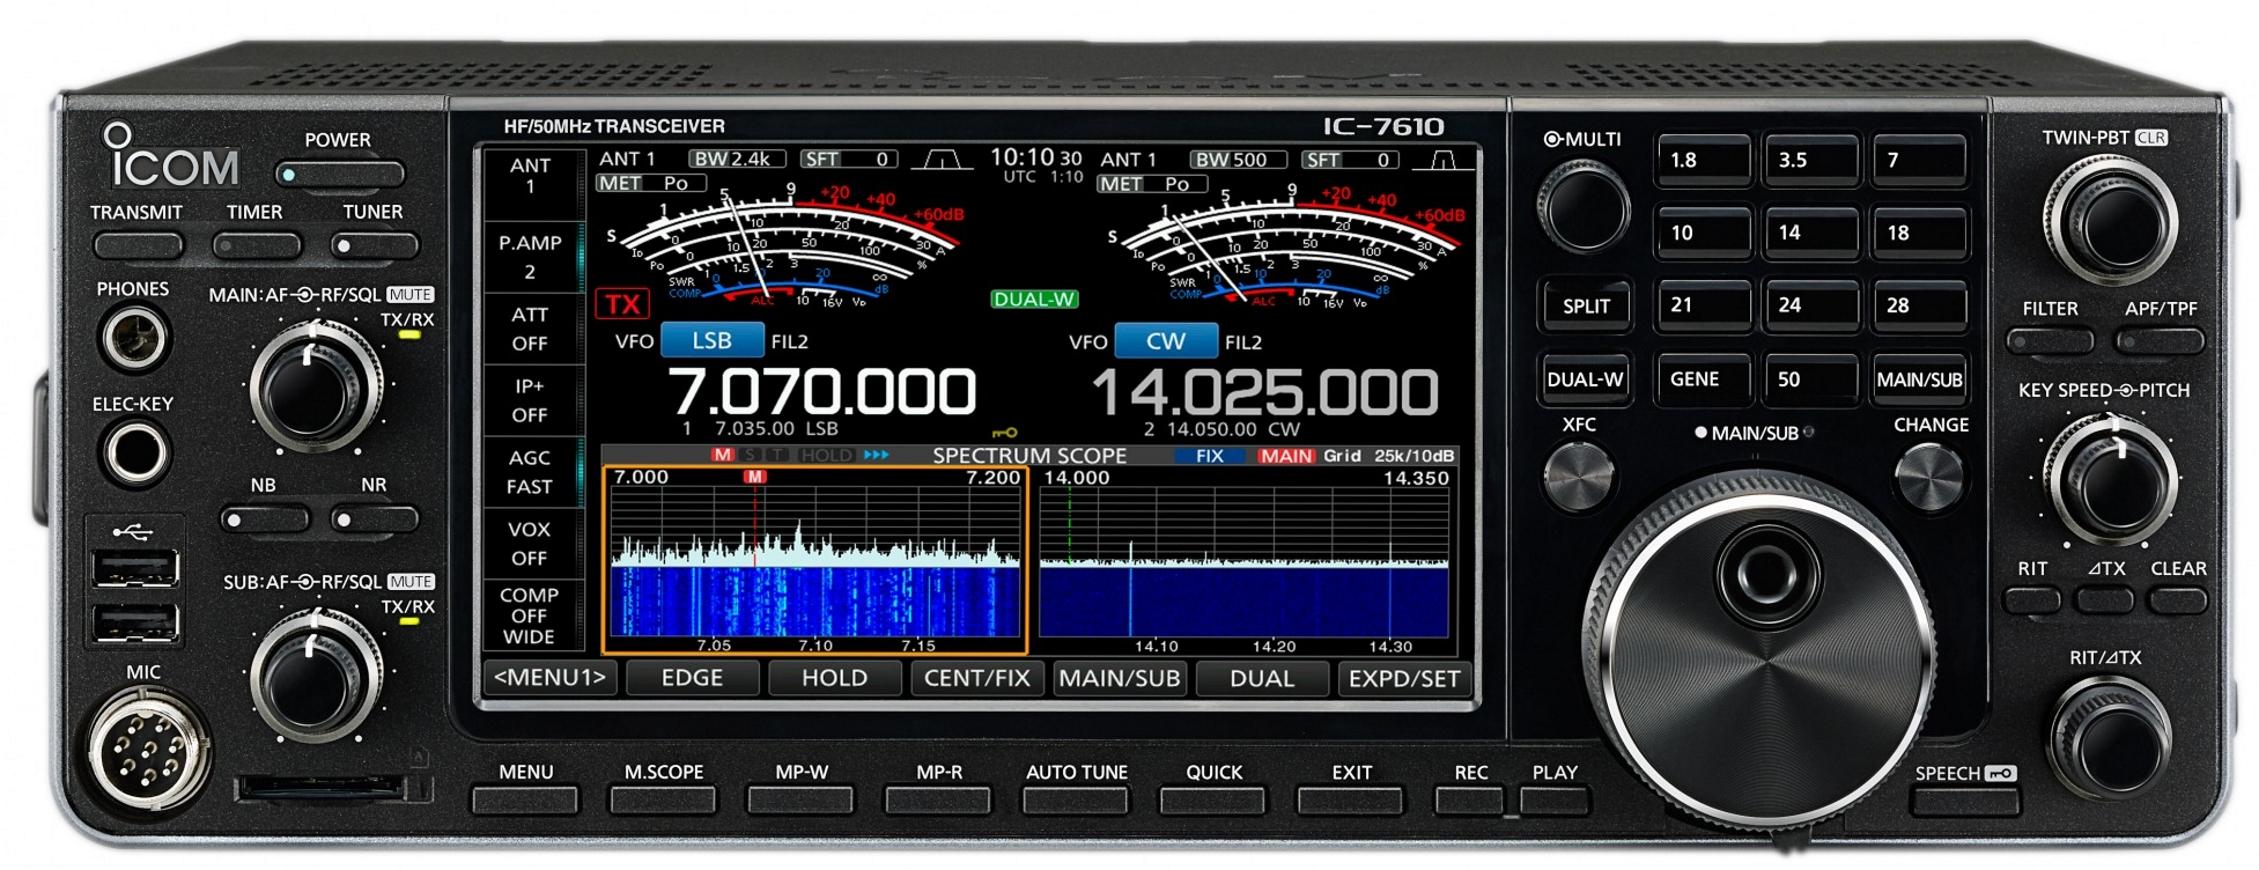 Icom Ic 7610 Hf 6m Band Transceiver Mit Sdr Technik Und 100 Watt 484 Am Radio Receiver Sendeleistung Funktechnik Bielefeld Professionelles Equipment Fr Gehobene Ansprche